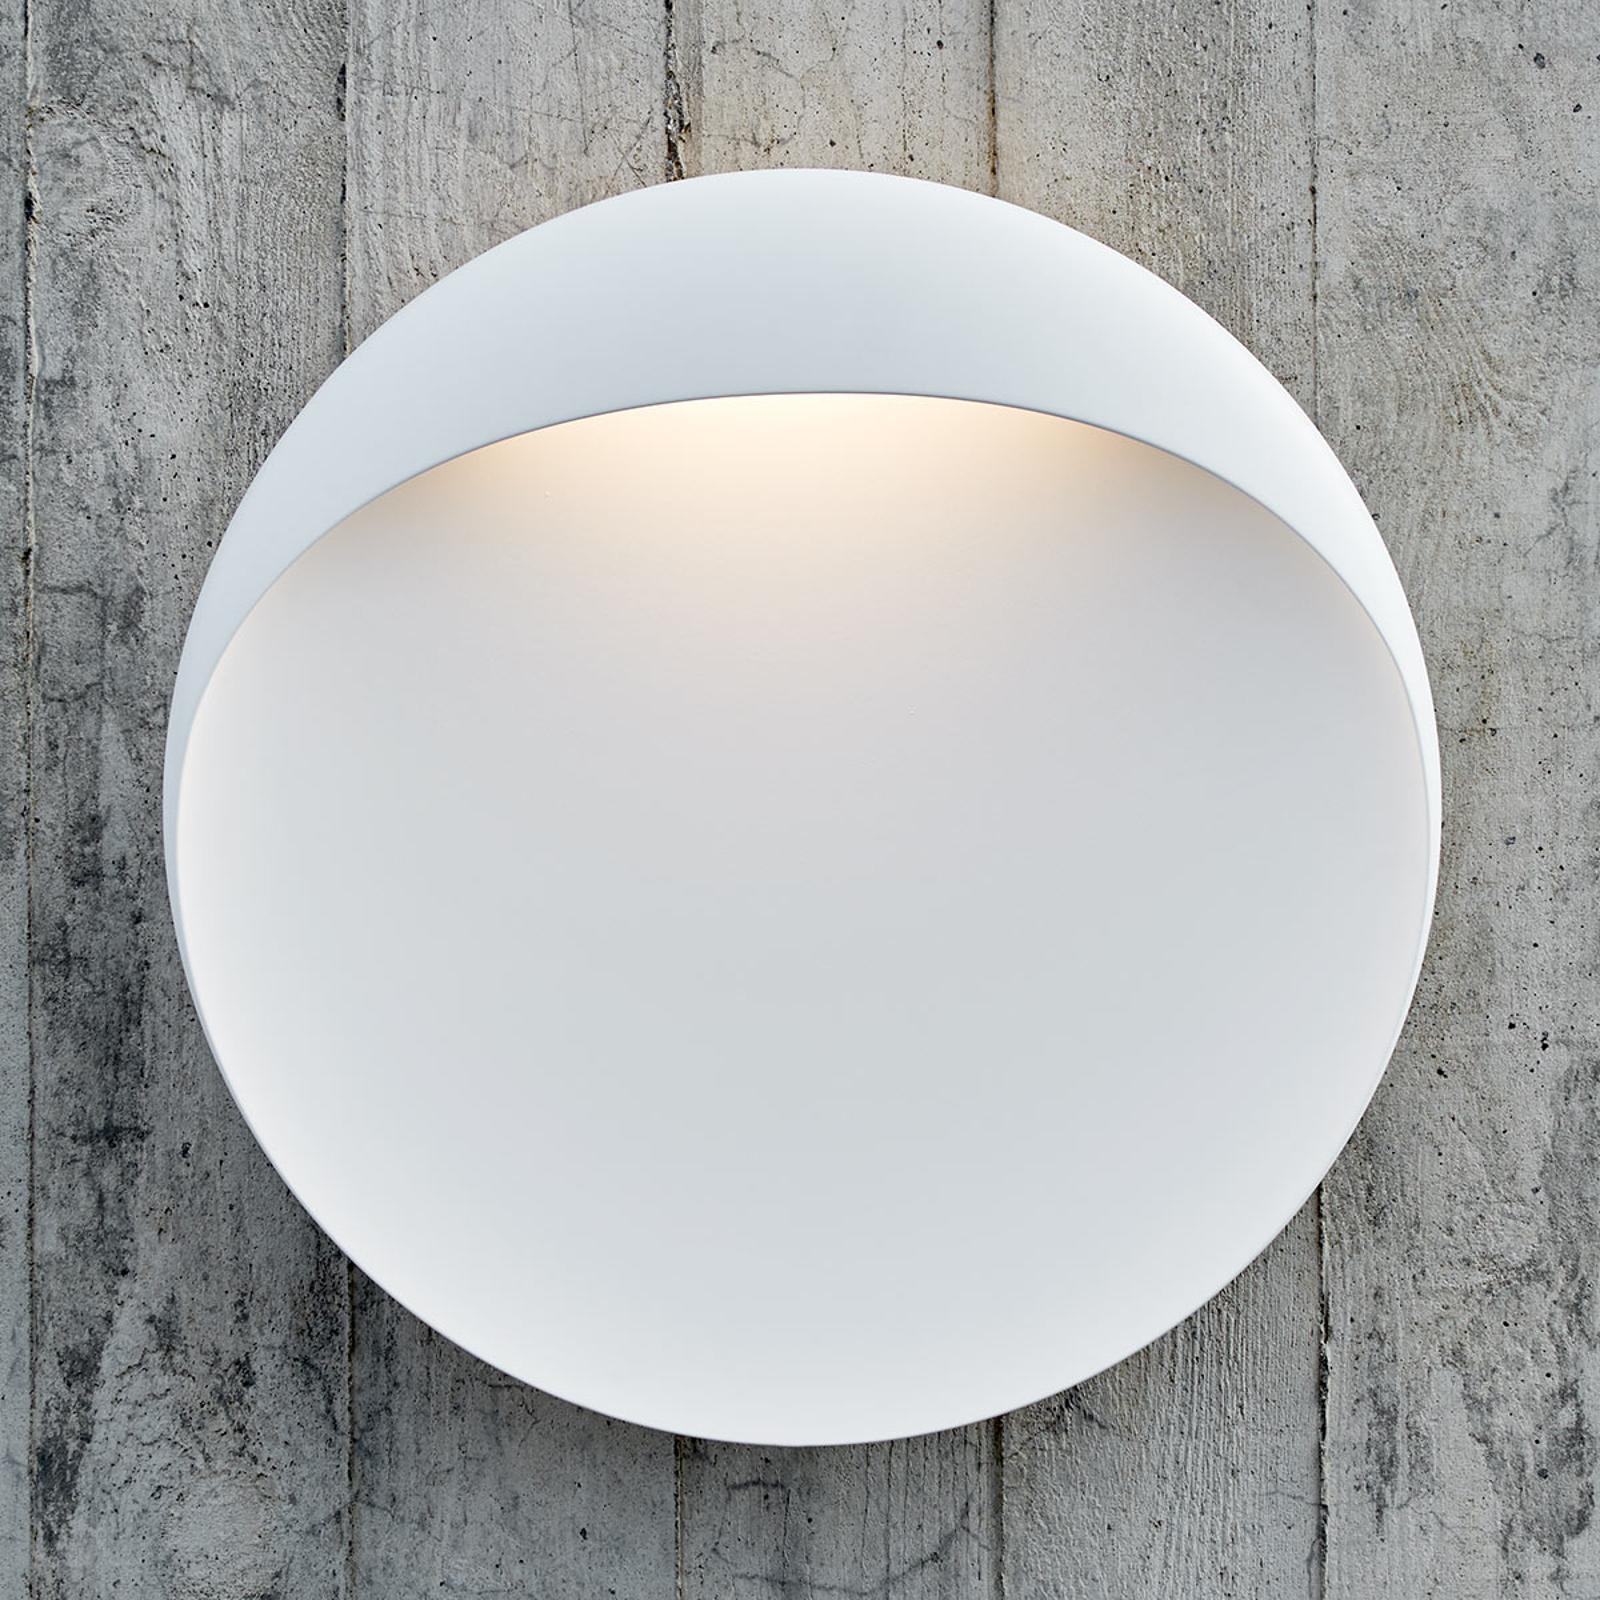 Louis Poulsen Flindt wandlamp Ø 20 cm wit 2.700K